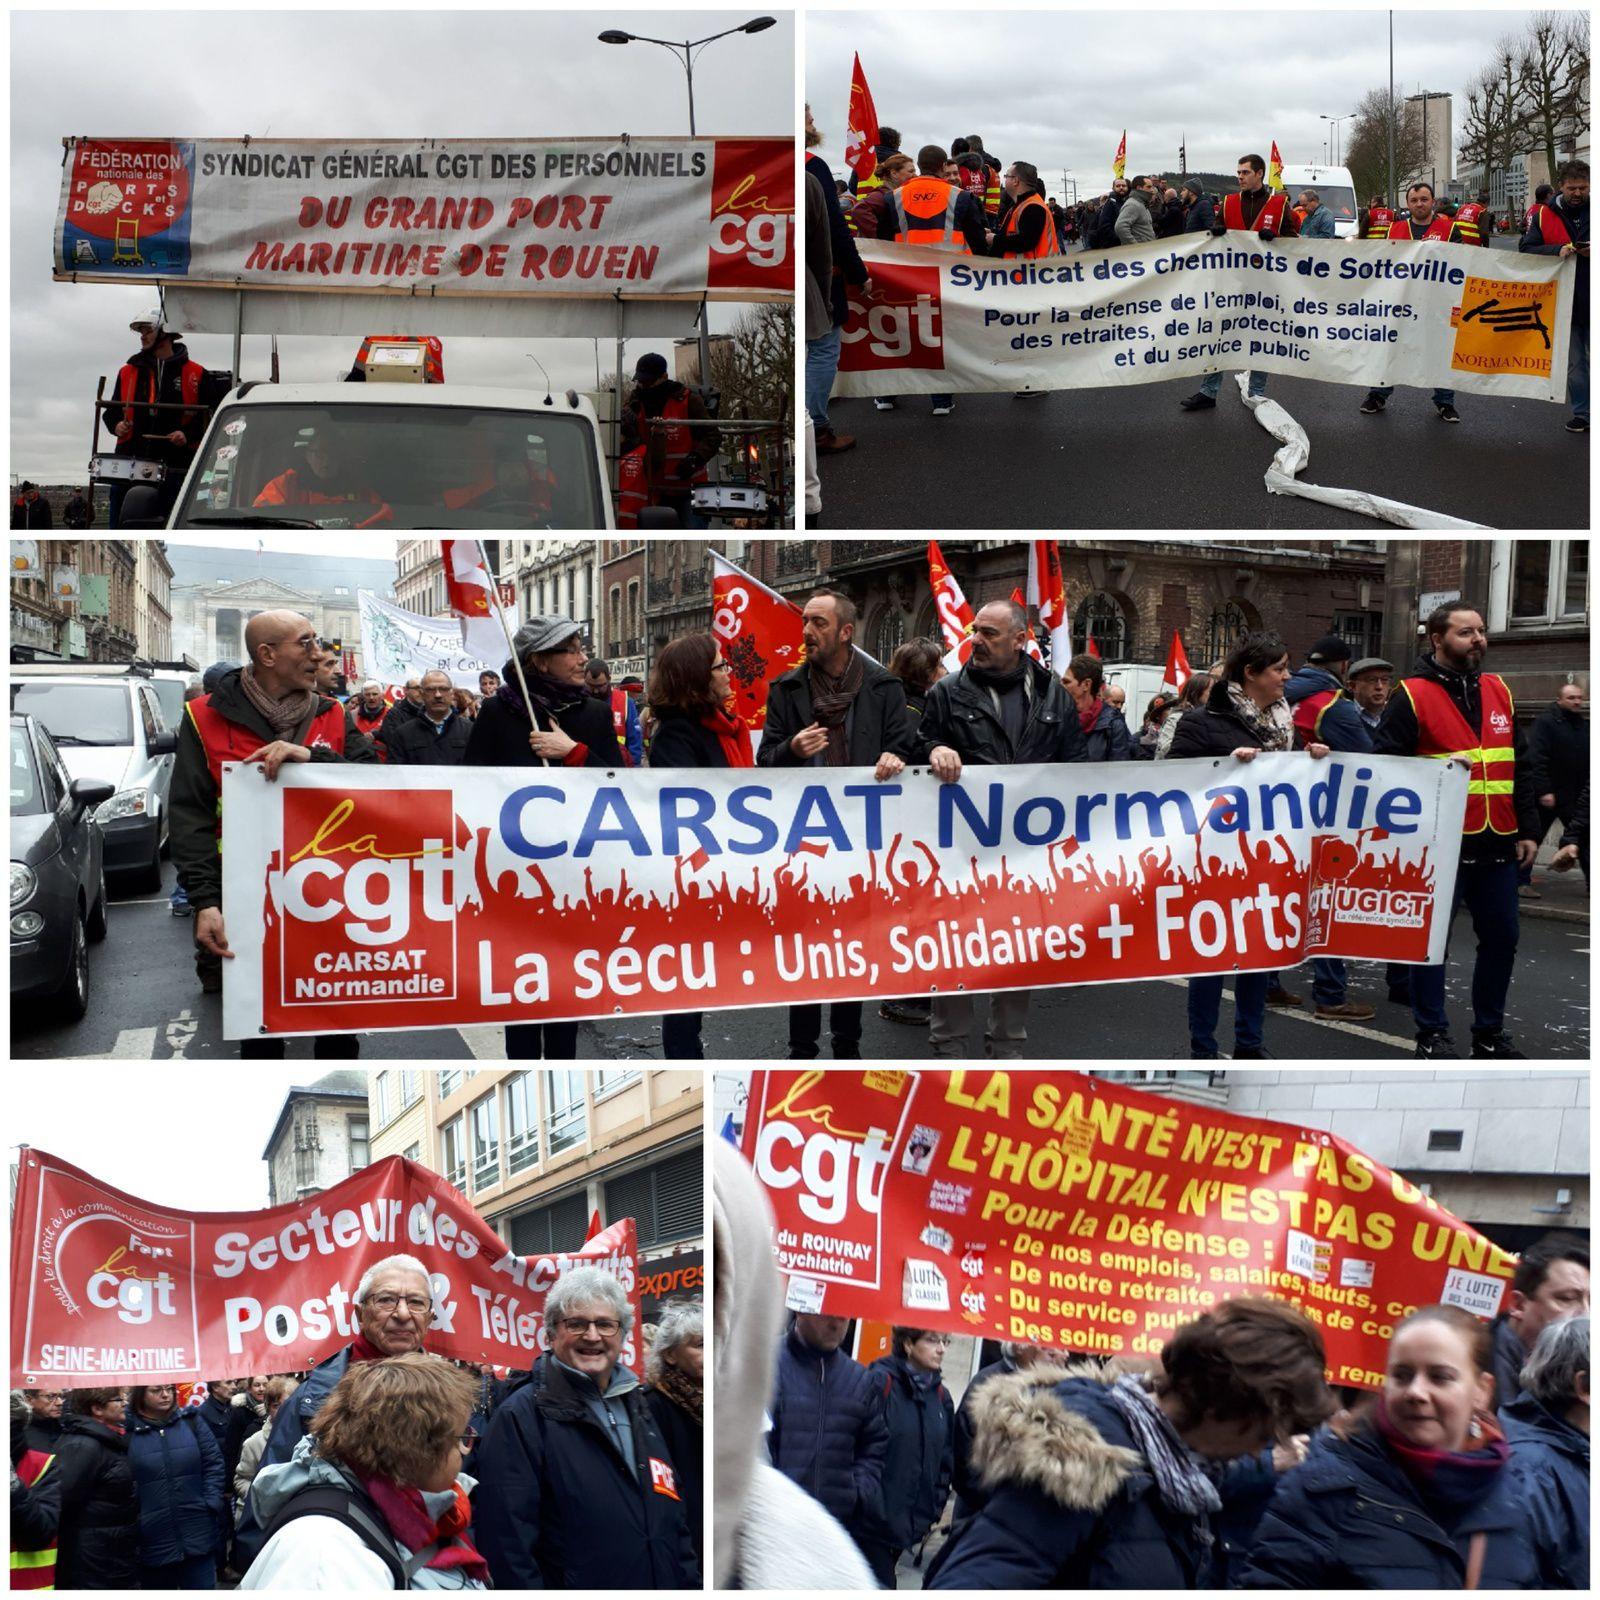 Grève du 9 janvier - Des dizaines de milliers de manifestants en Seine-Maritime - Déterminés, vigilants, révoltés